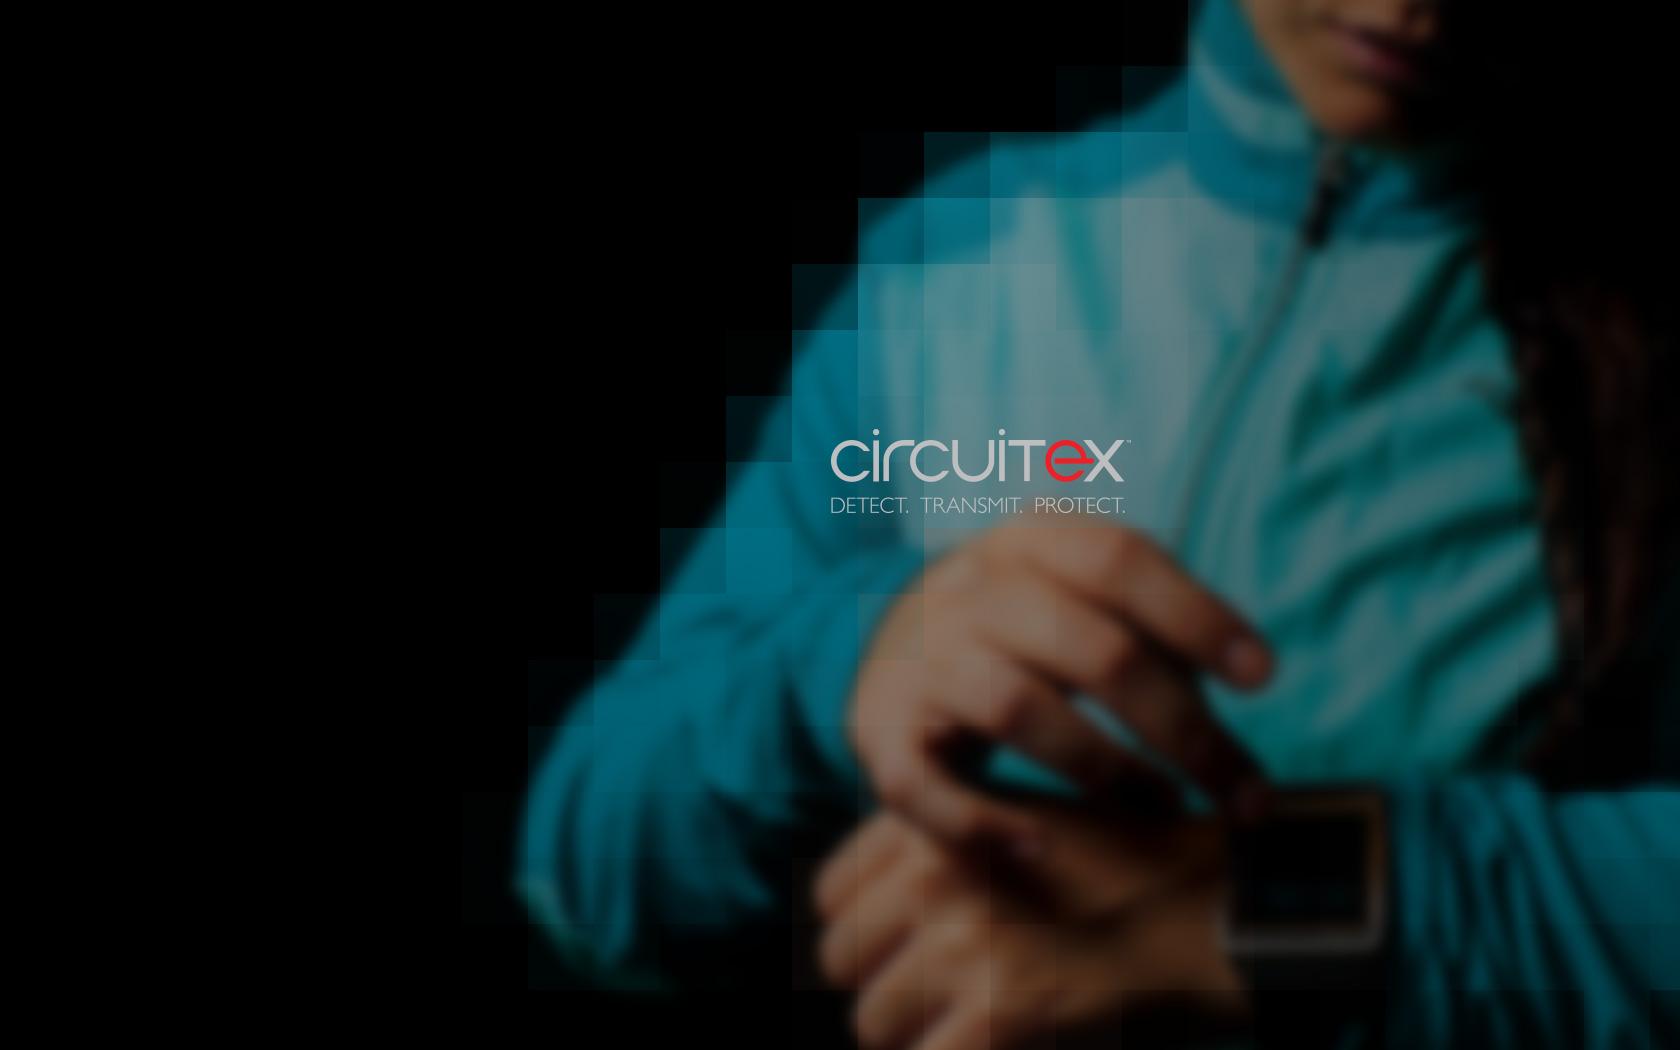 circuitex_X_MAMUS_CREATIVE_1